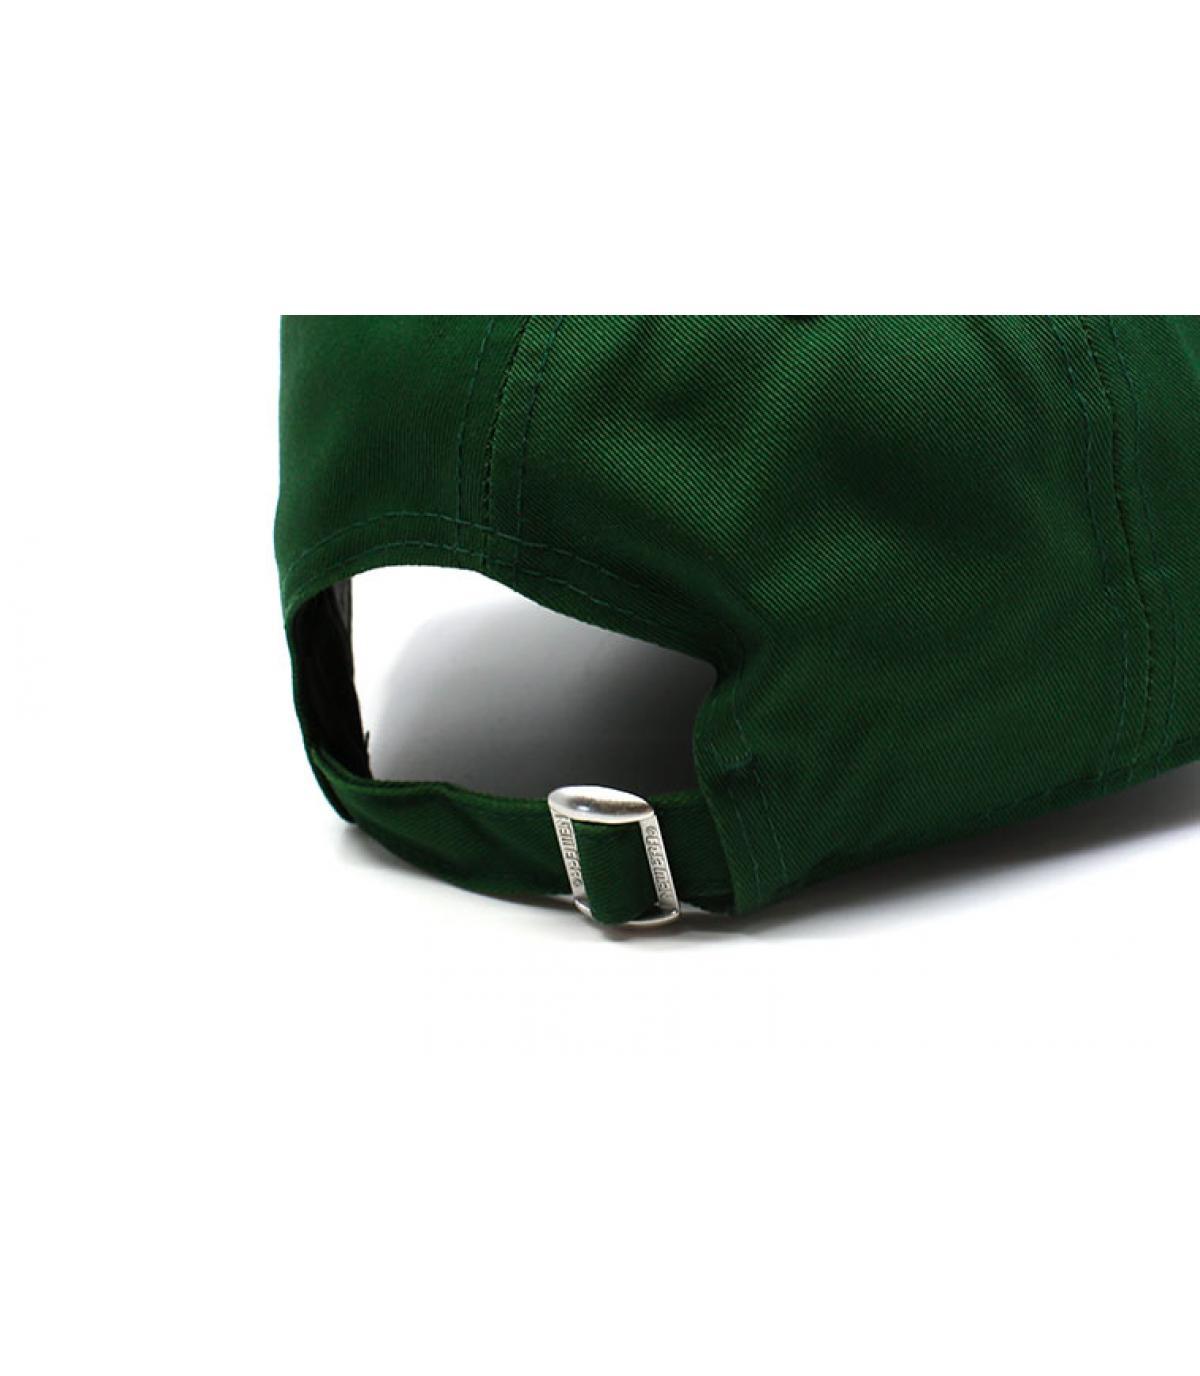 Details Cap League Ess NY 940 hooley green black - Abbildung 5